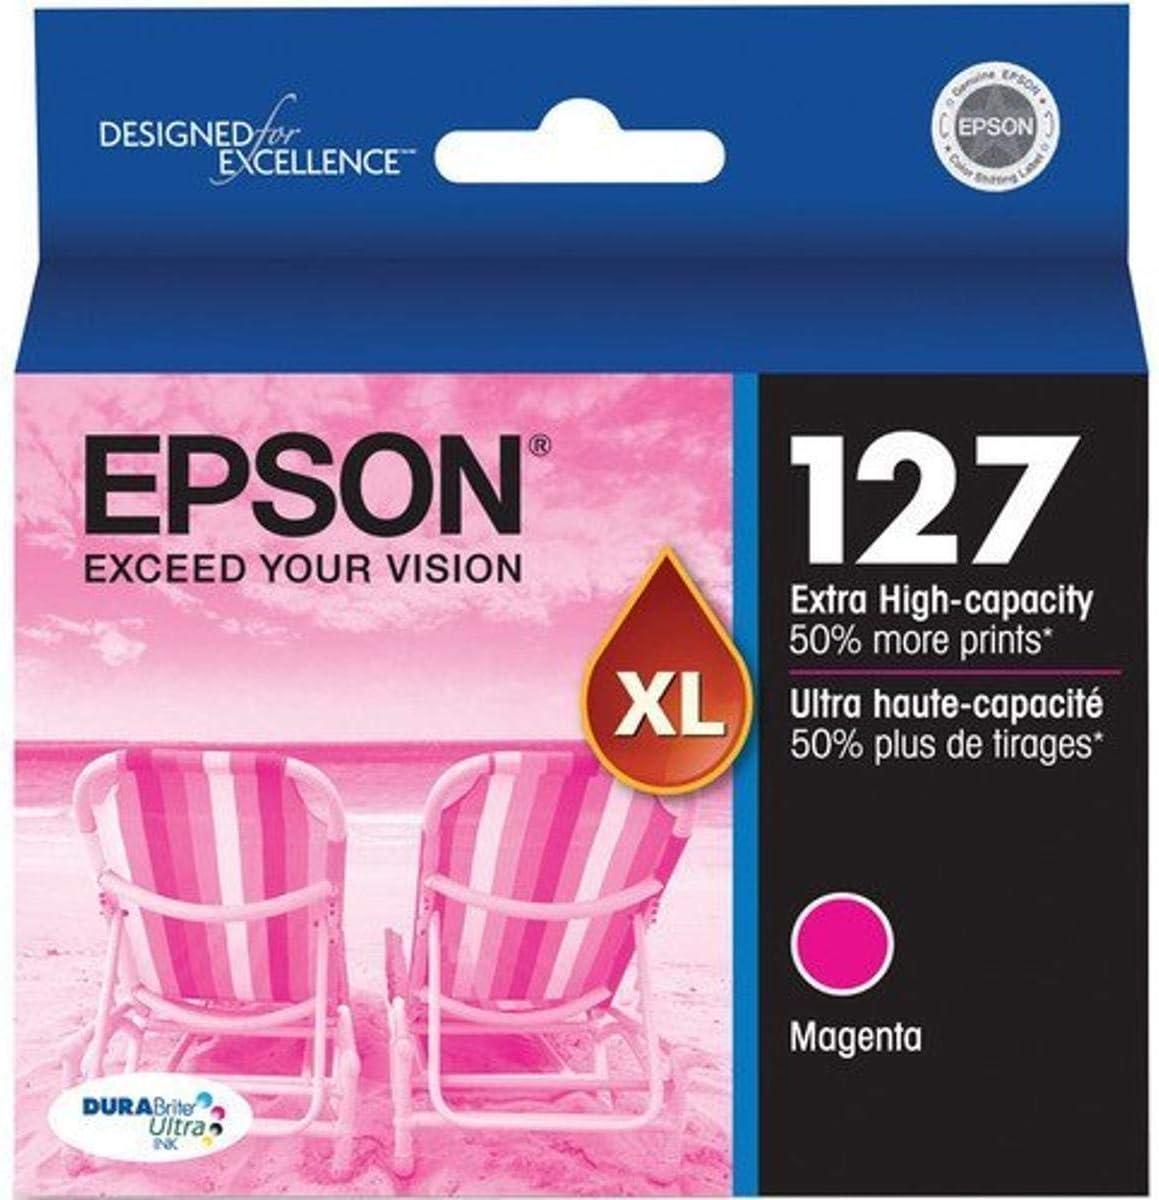 Epson 127 OEM Ink Cartridge: Magenta T127320